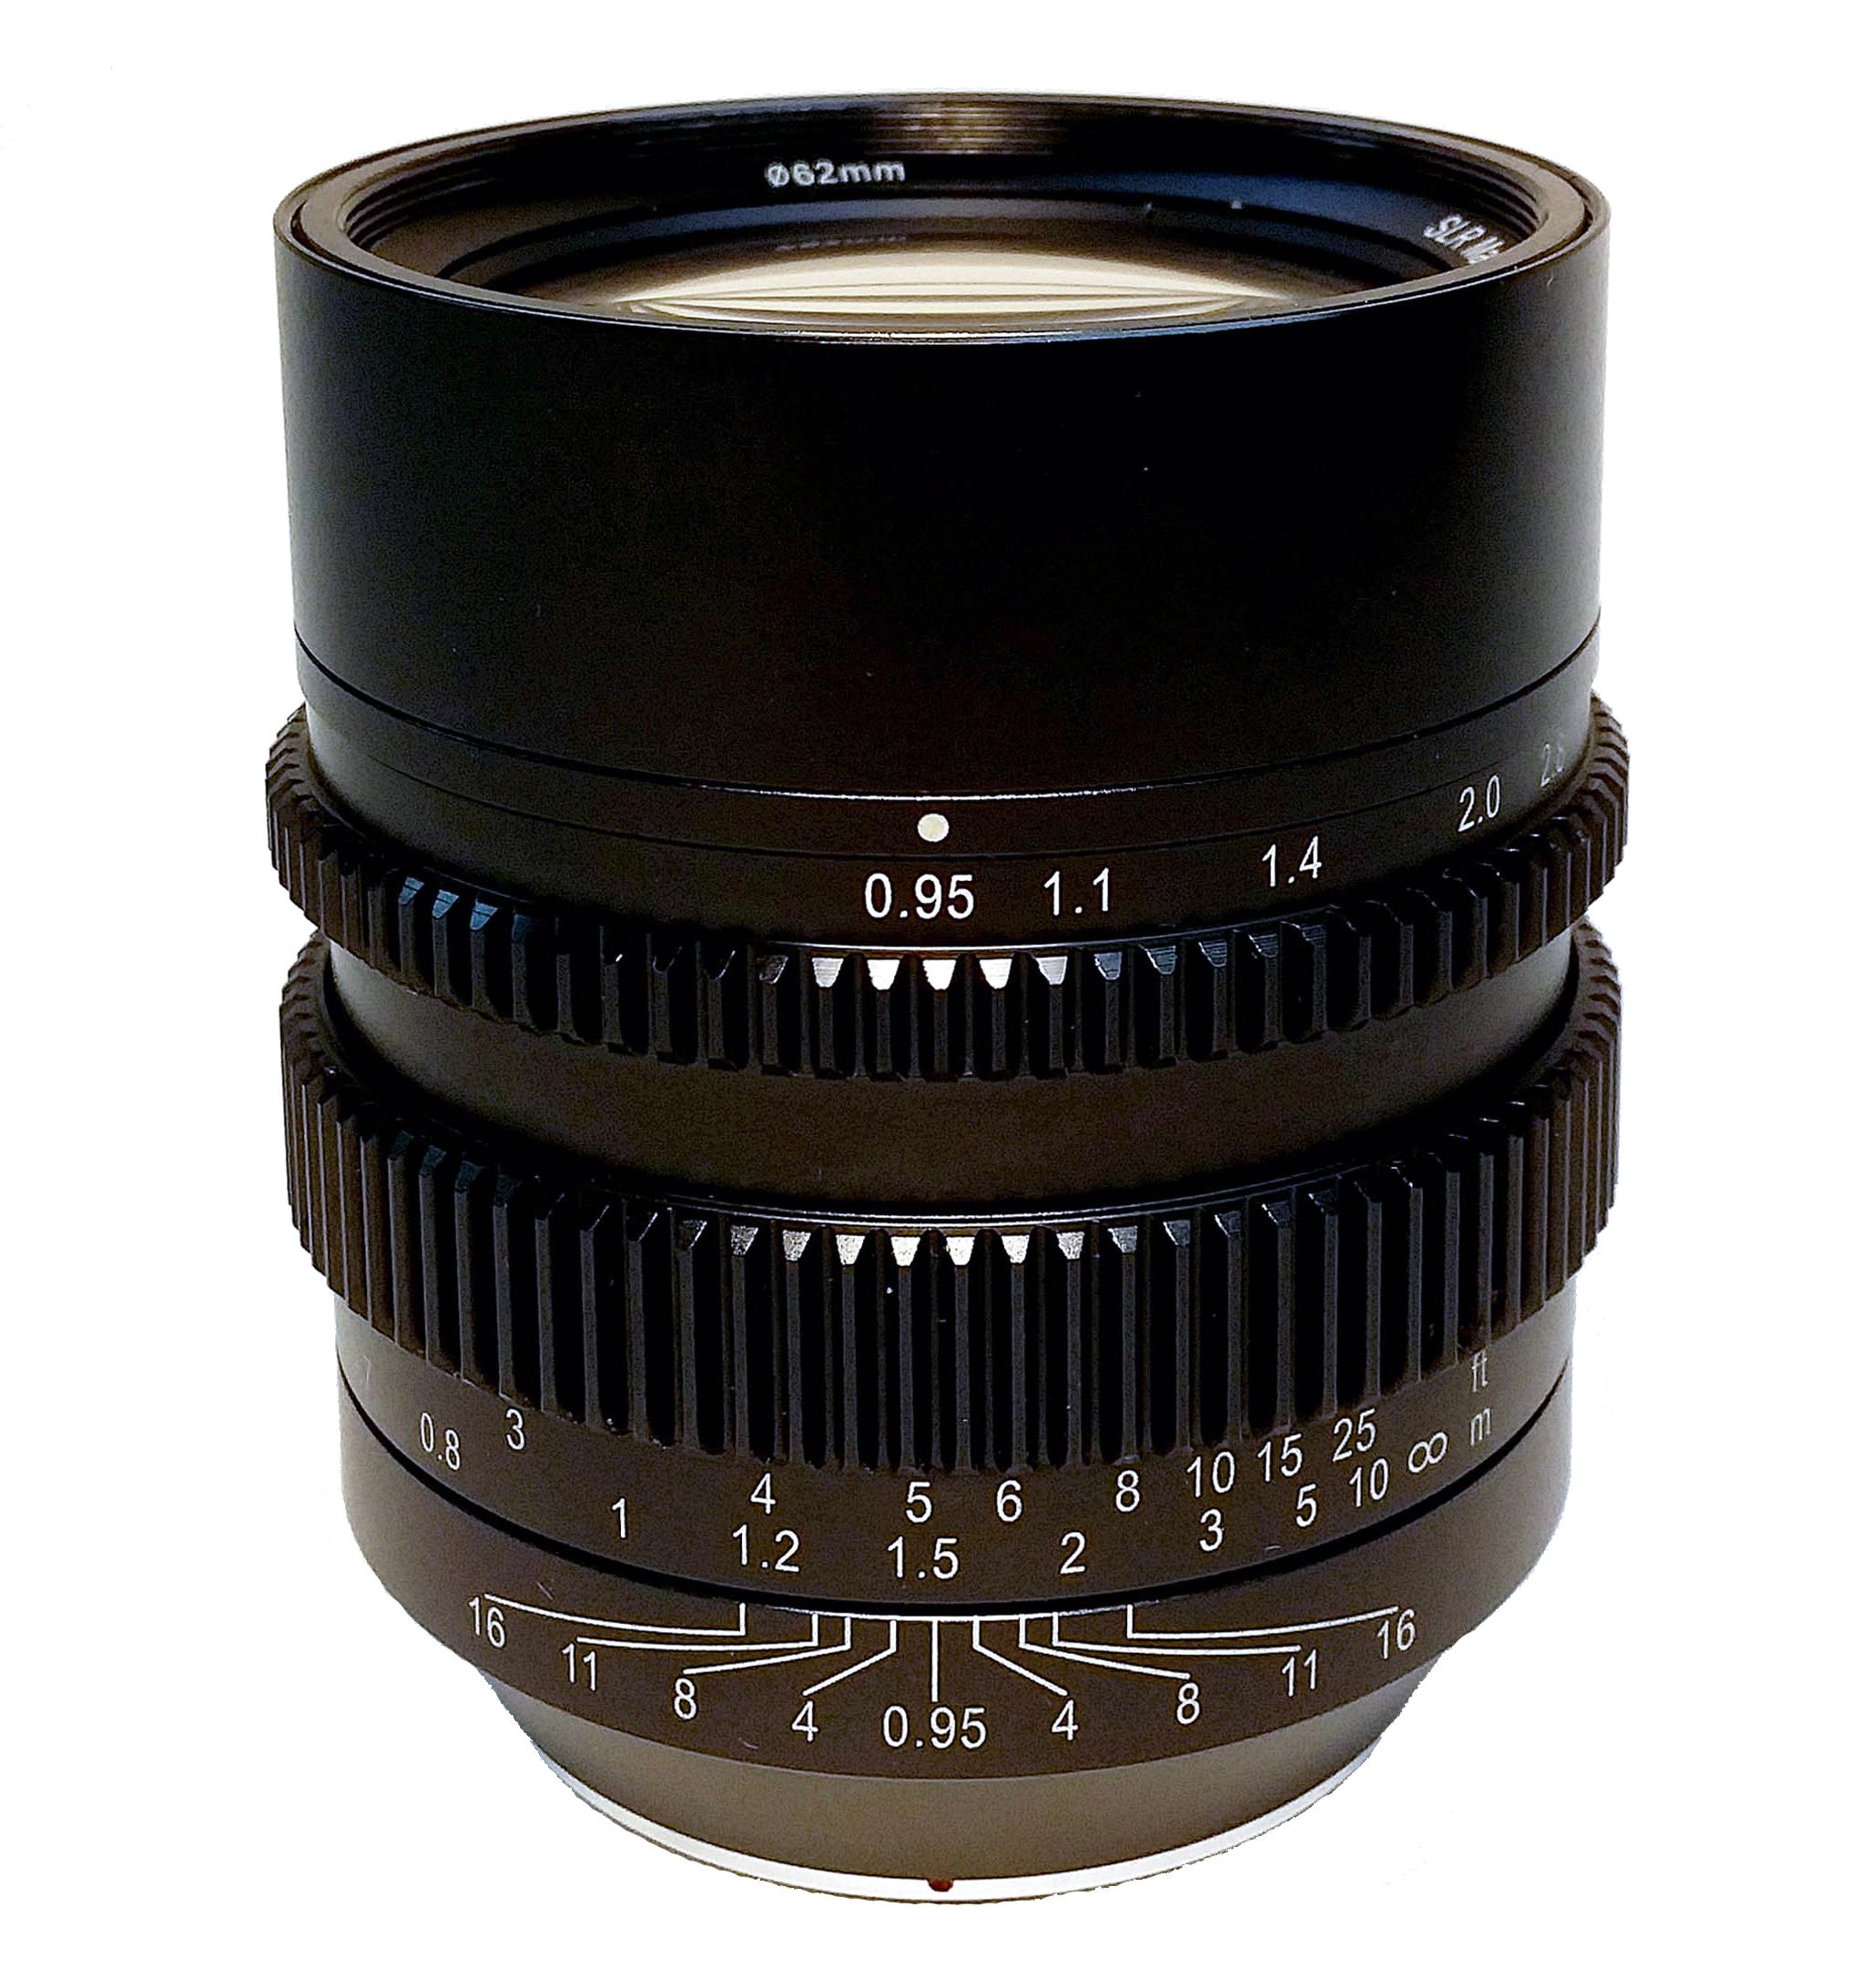 SLR Magic 50mm cine lens.